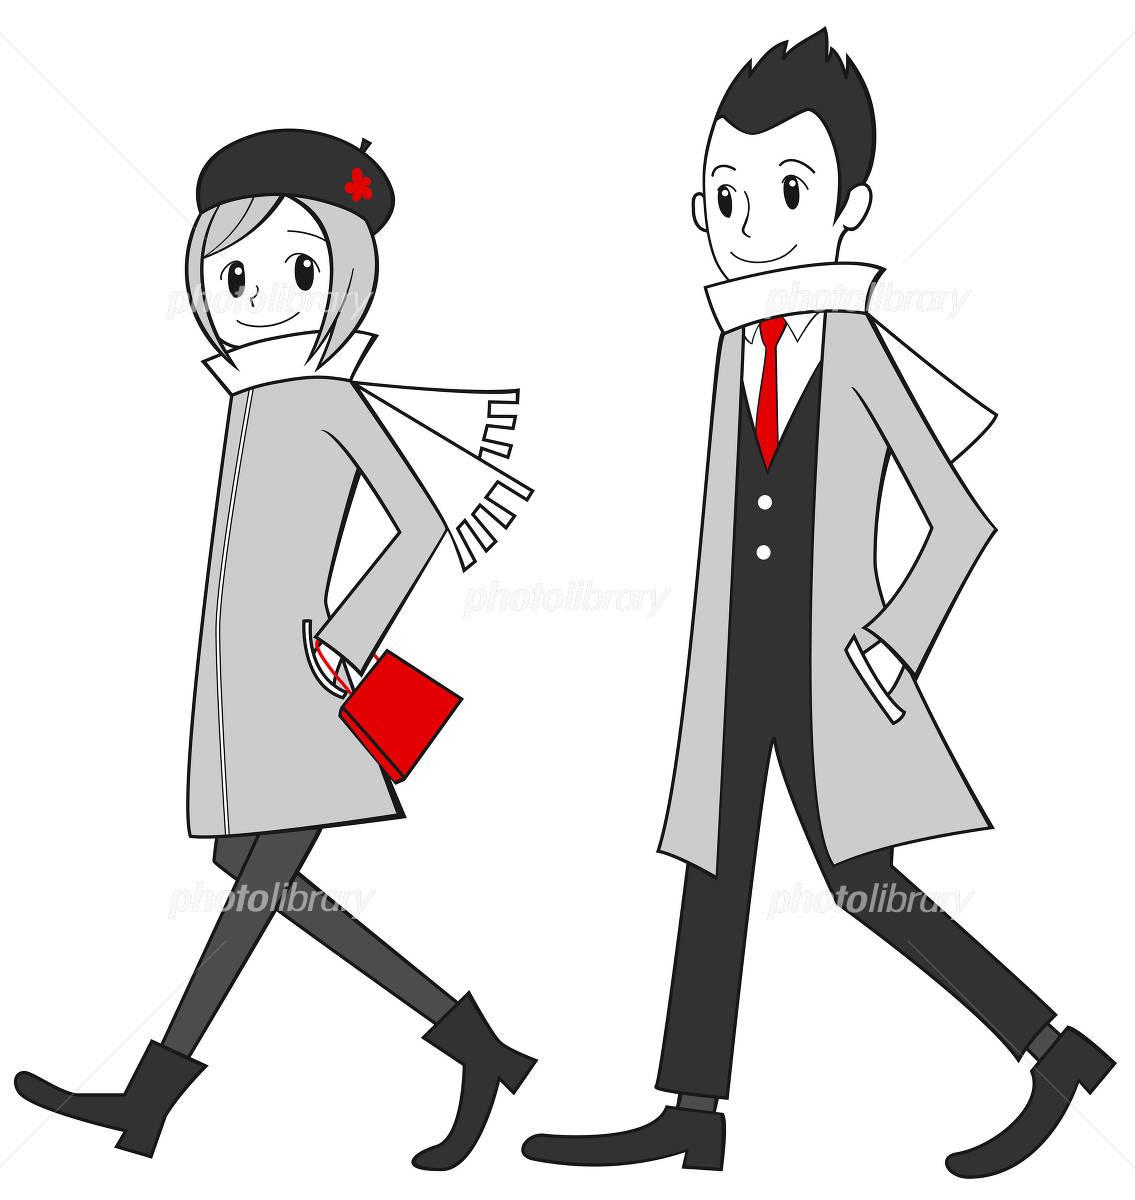 デートするカップル イラスト素材 [ 1204804 ] - フォトライブラリー